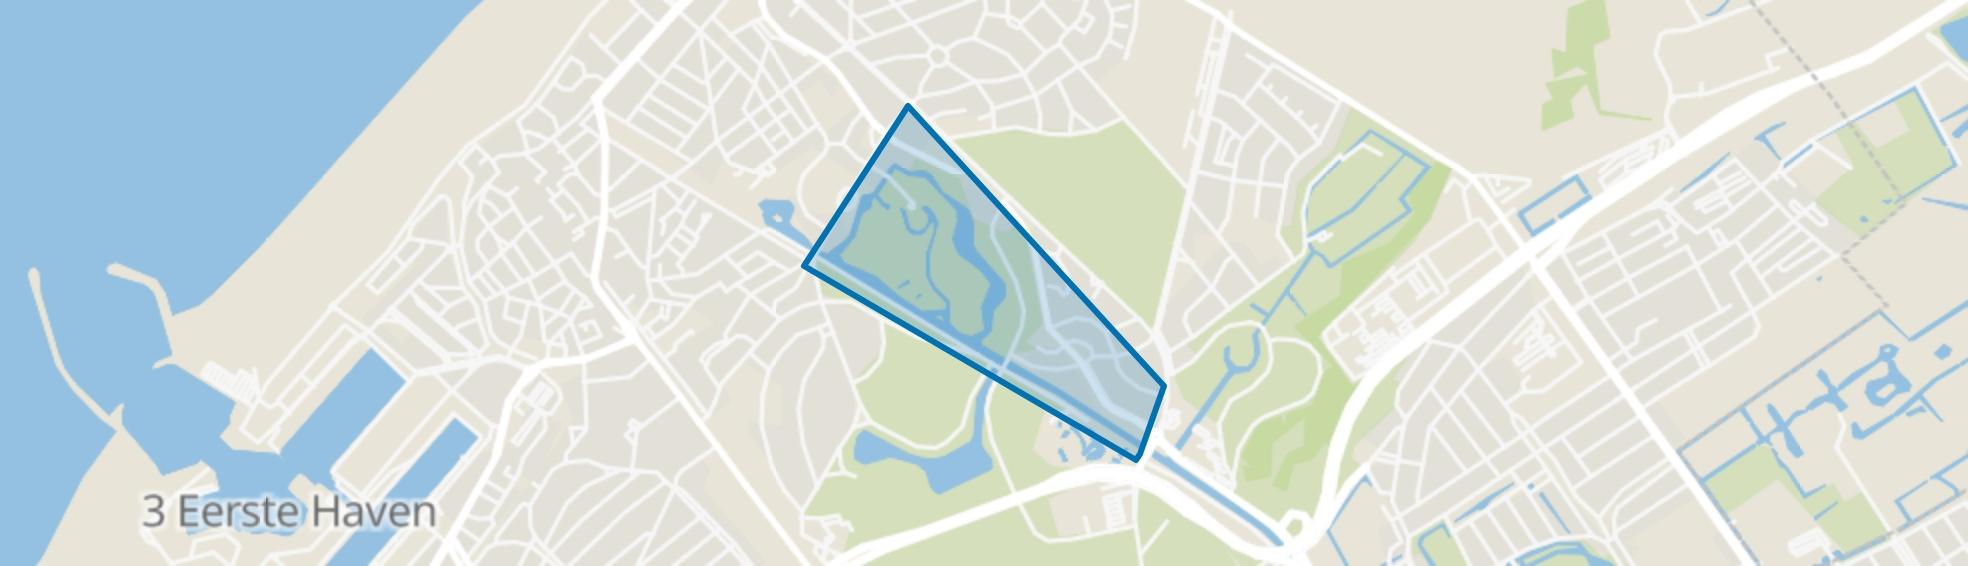 Westbroekpark, Den Haag map